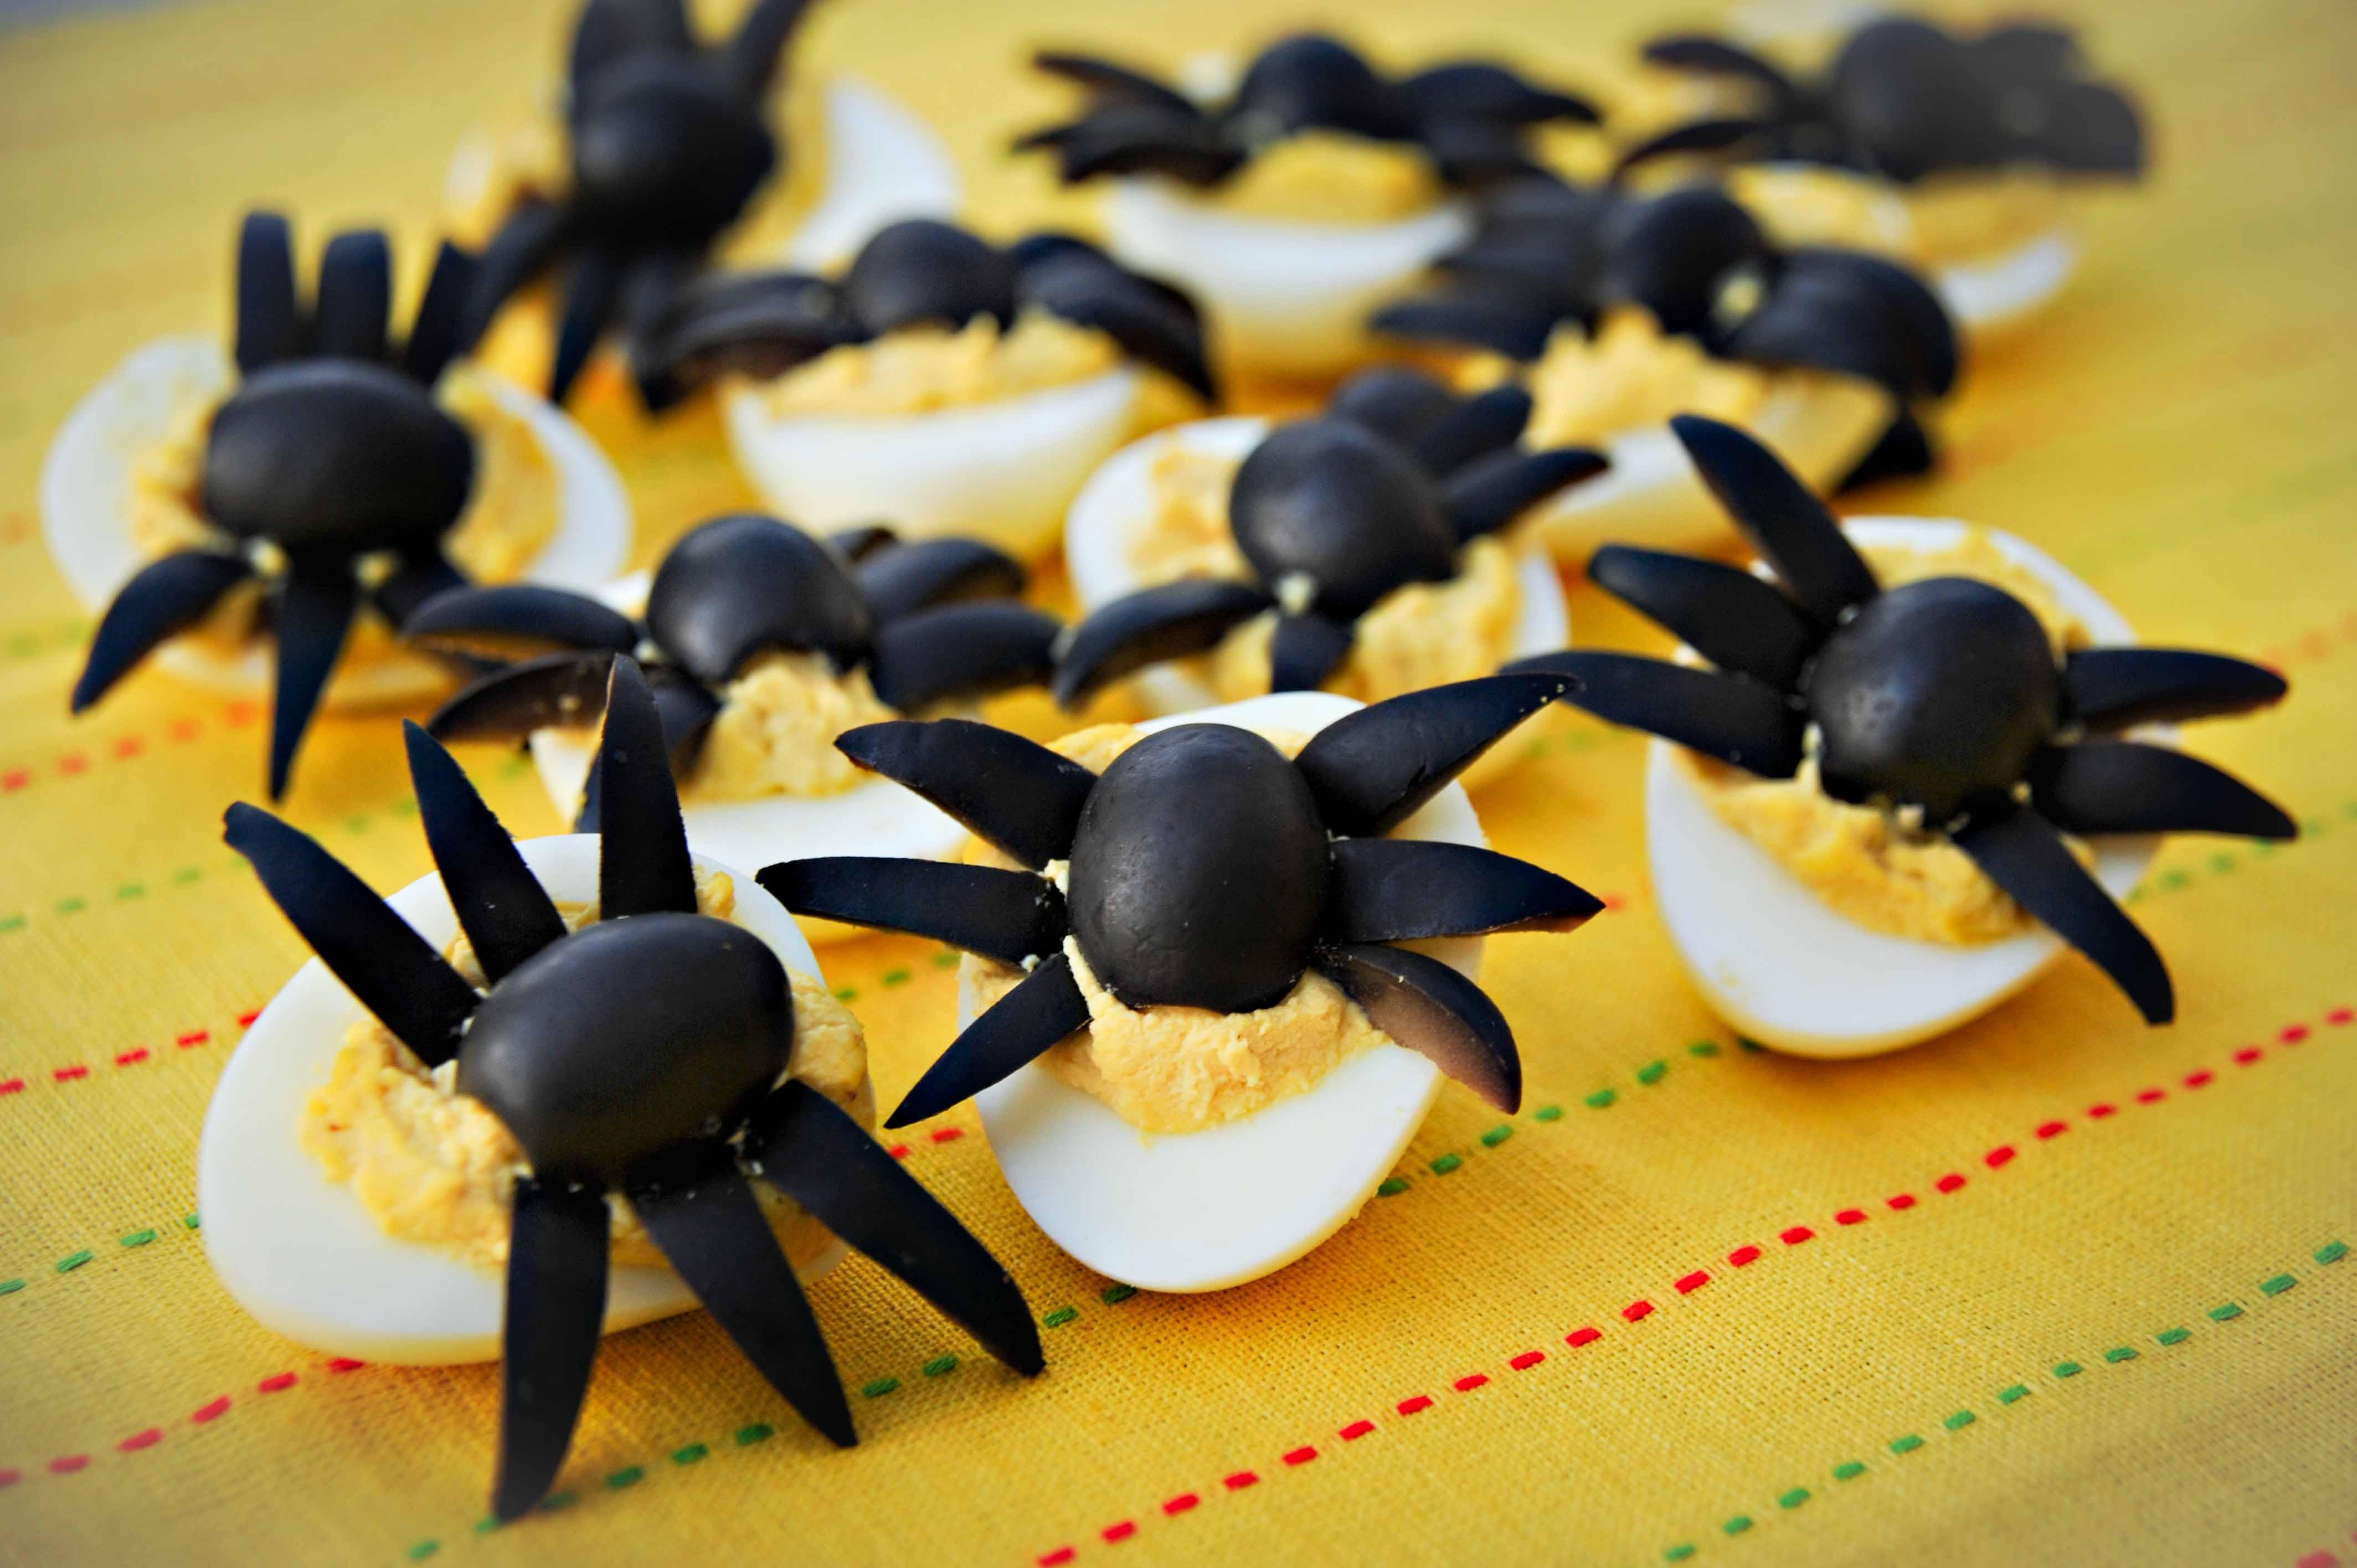 Deviled Eggs Spider Halloween  Halloween Spider Deviled Eggs Recipe – A Family Halloween